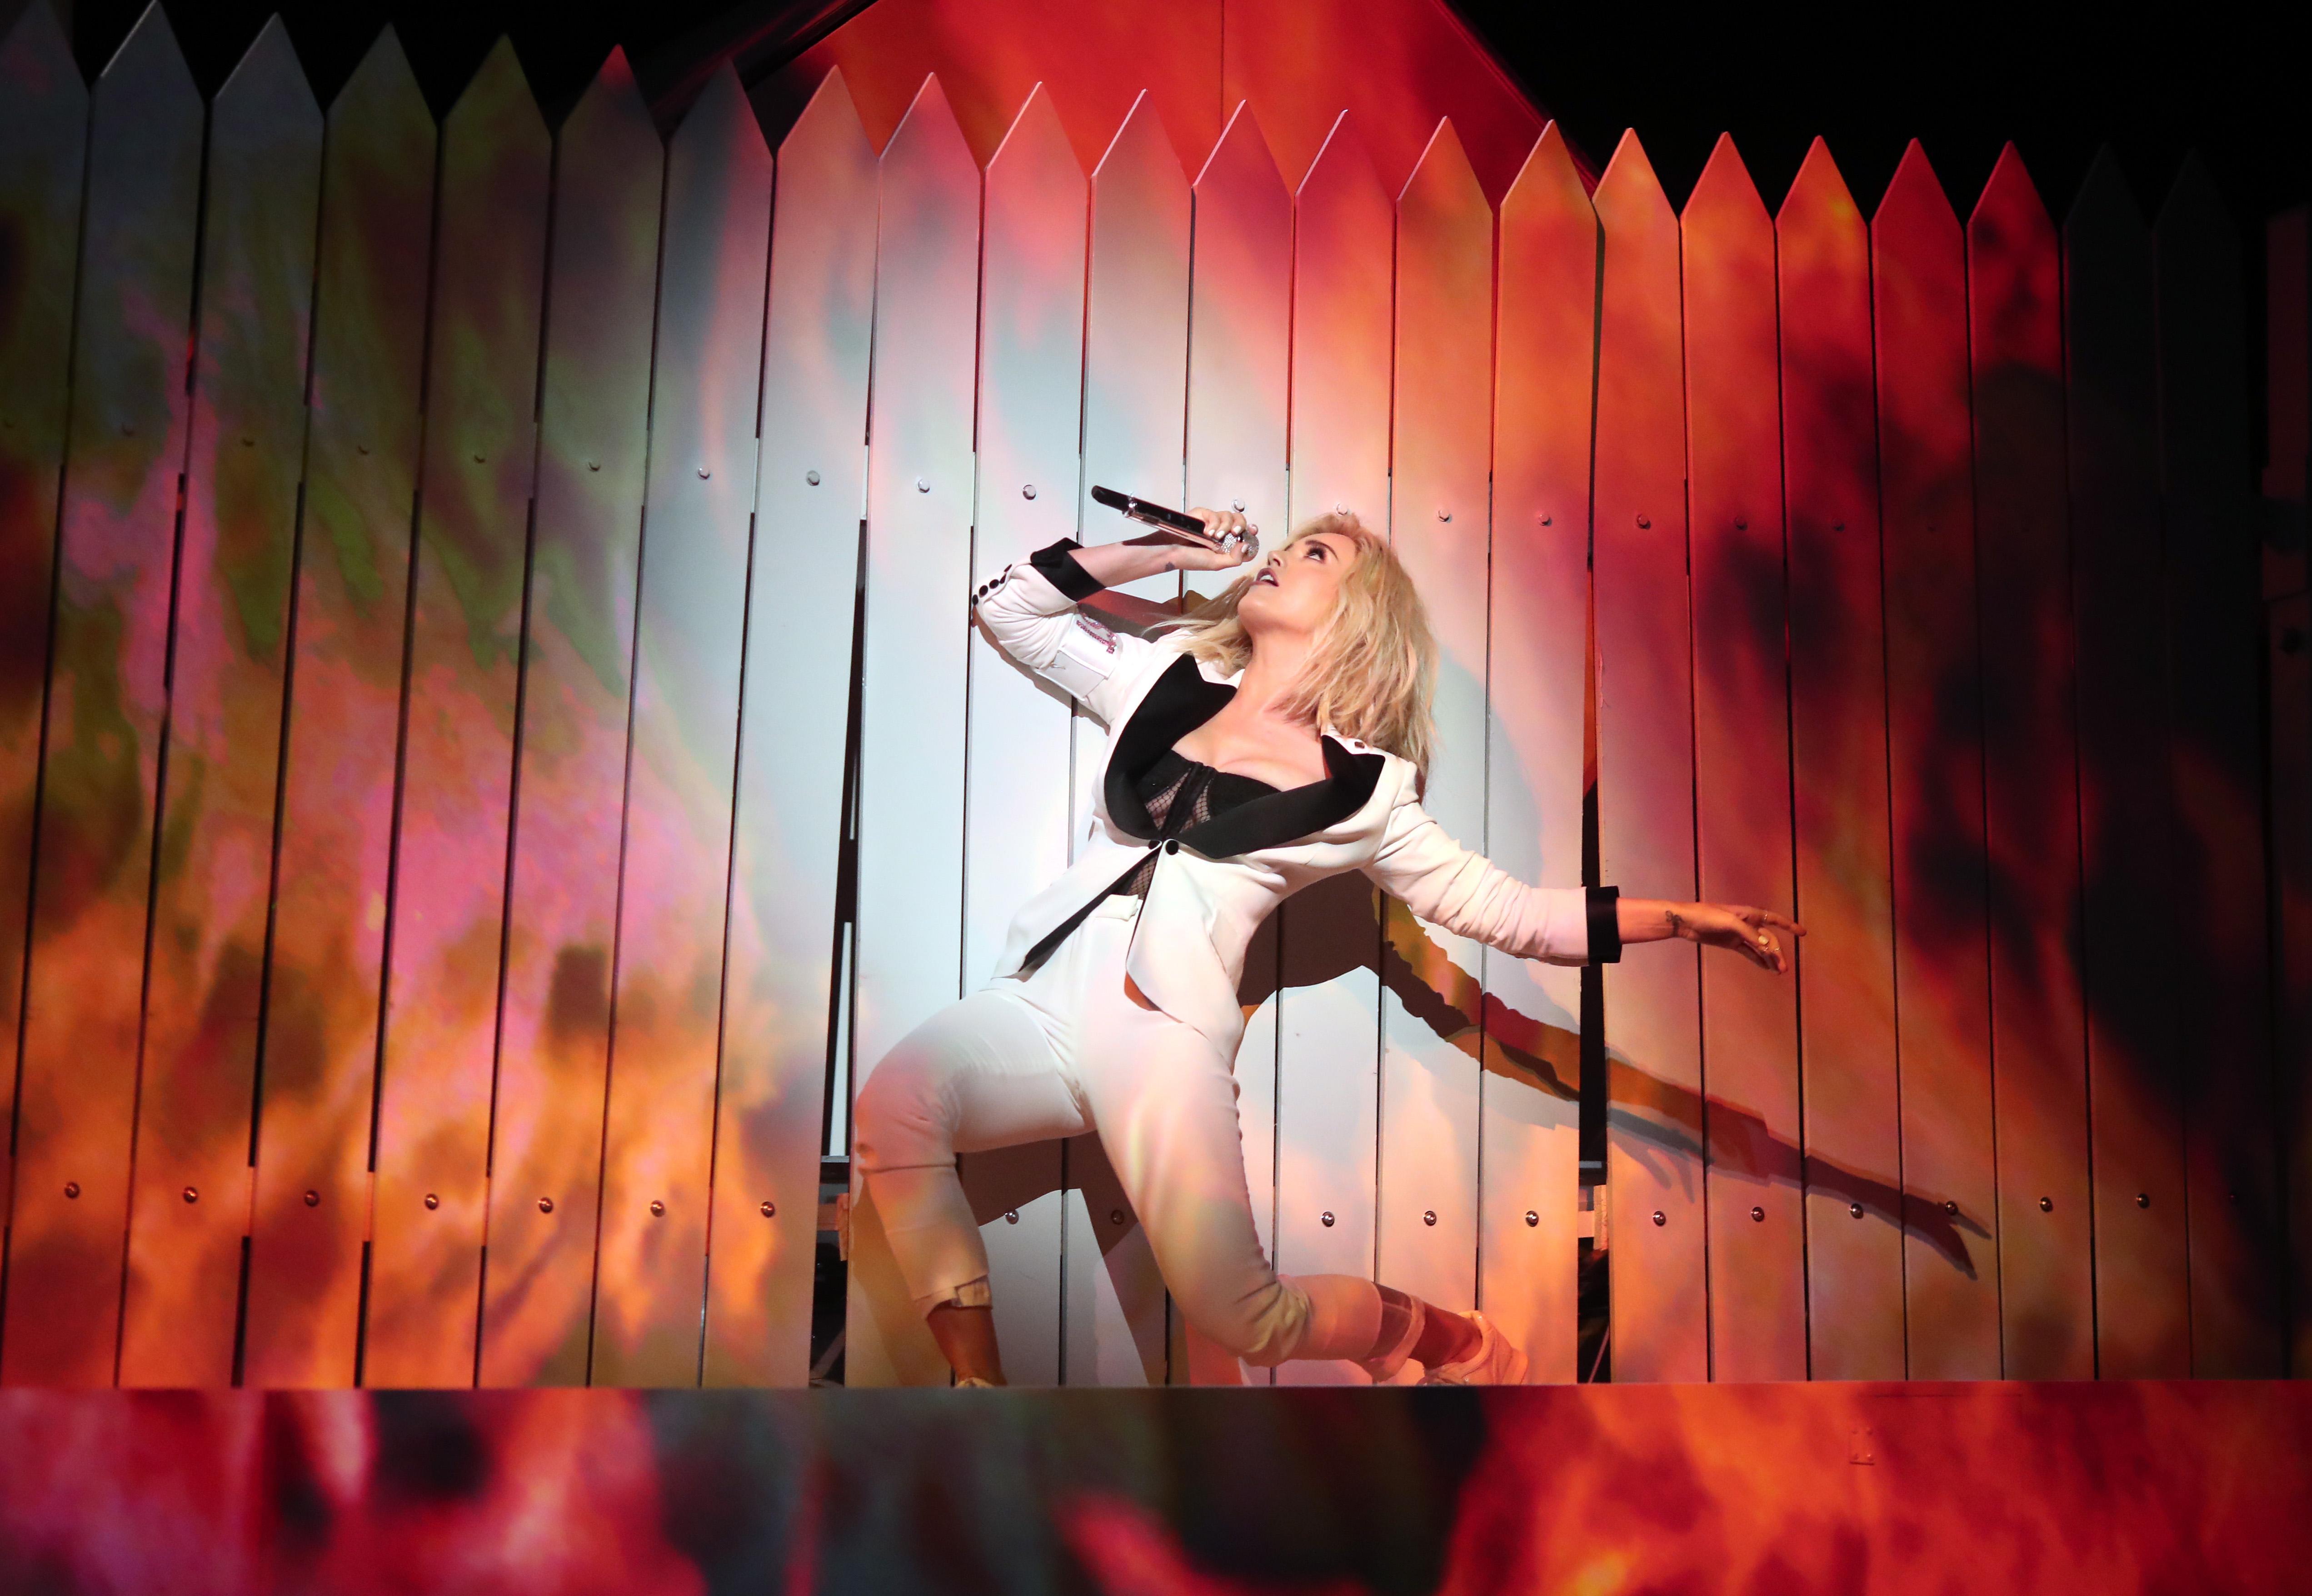 Agit-Pop: Der Wink mit dem Zaun: Katy Perry während ihres symbolträchtigen Auftritts bei den Grammys am 12. Februar